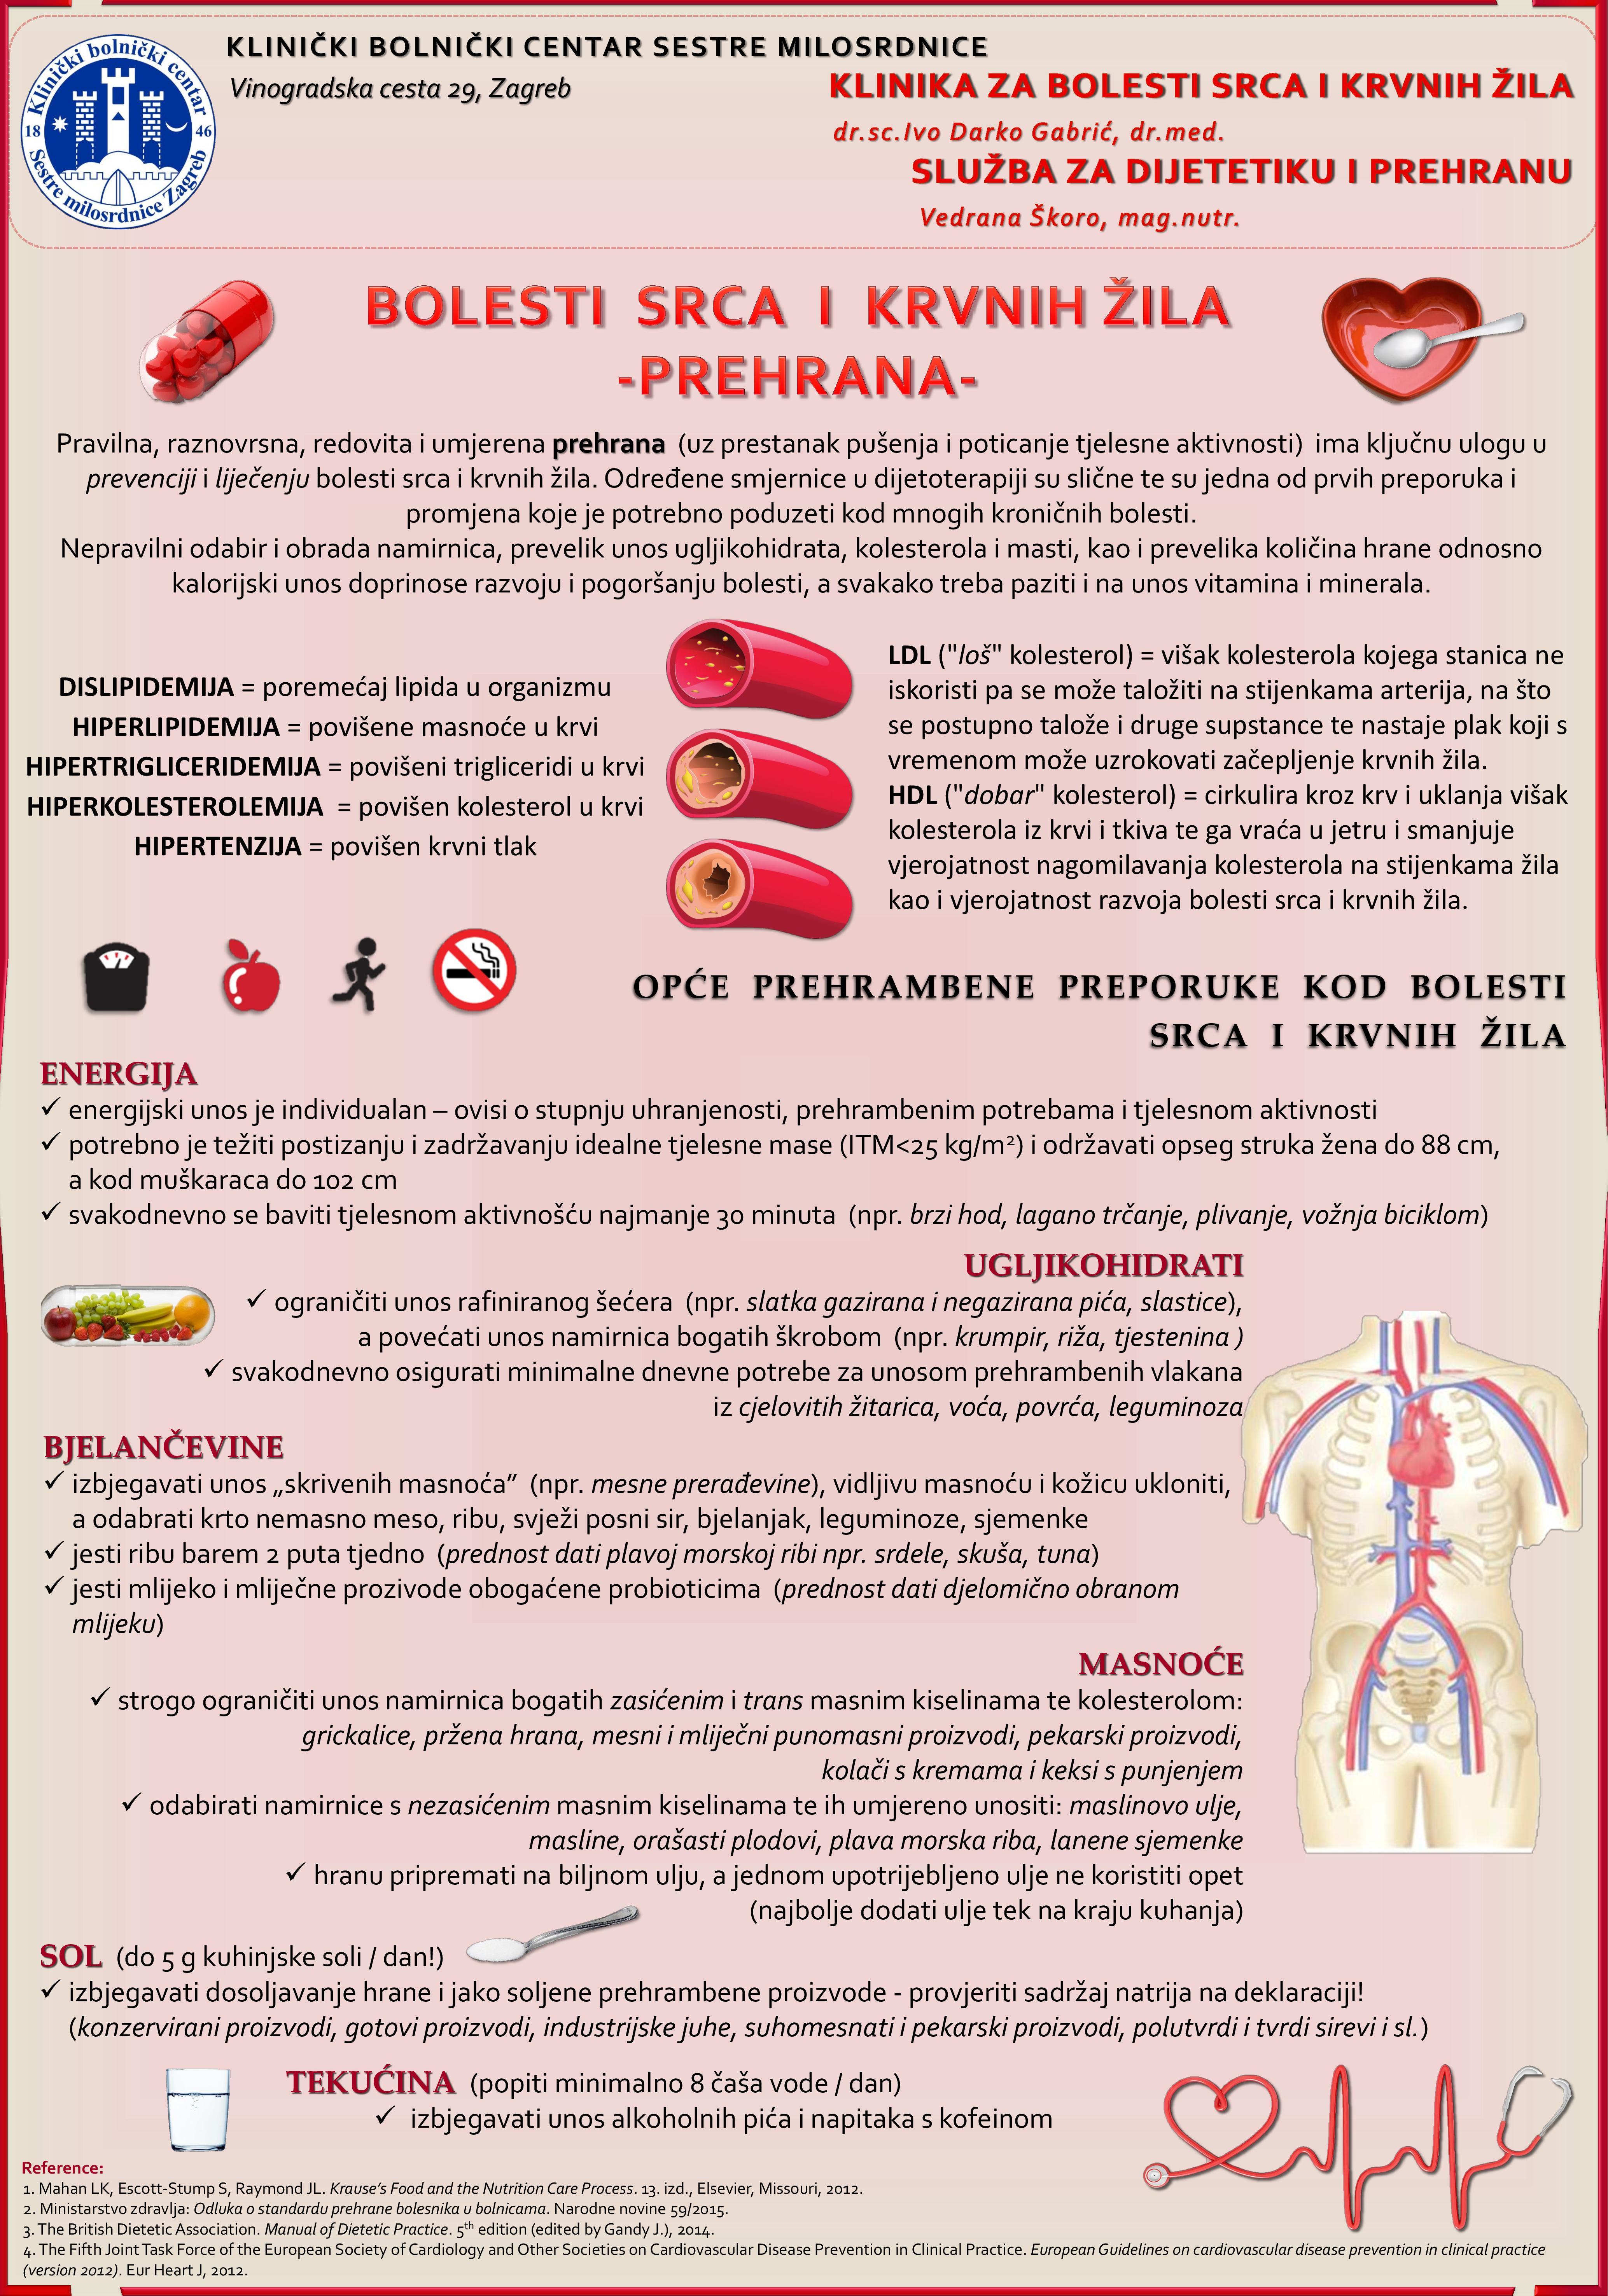 hipertenzija, kolesterol hipertenzije, koji se često